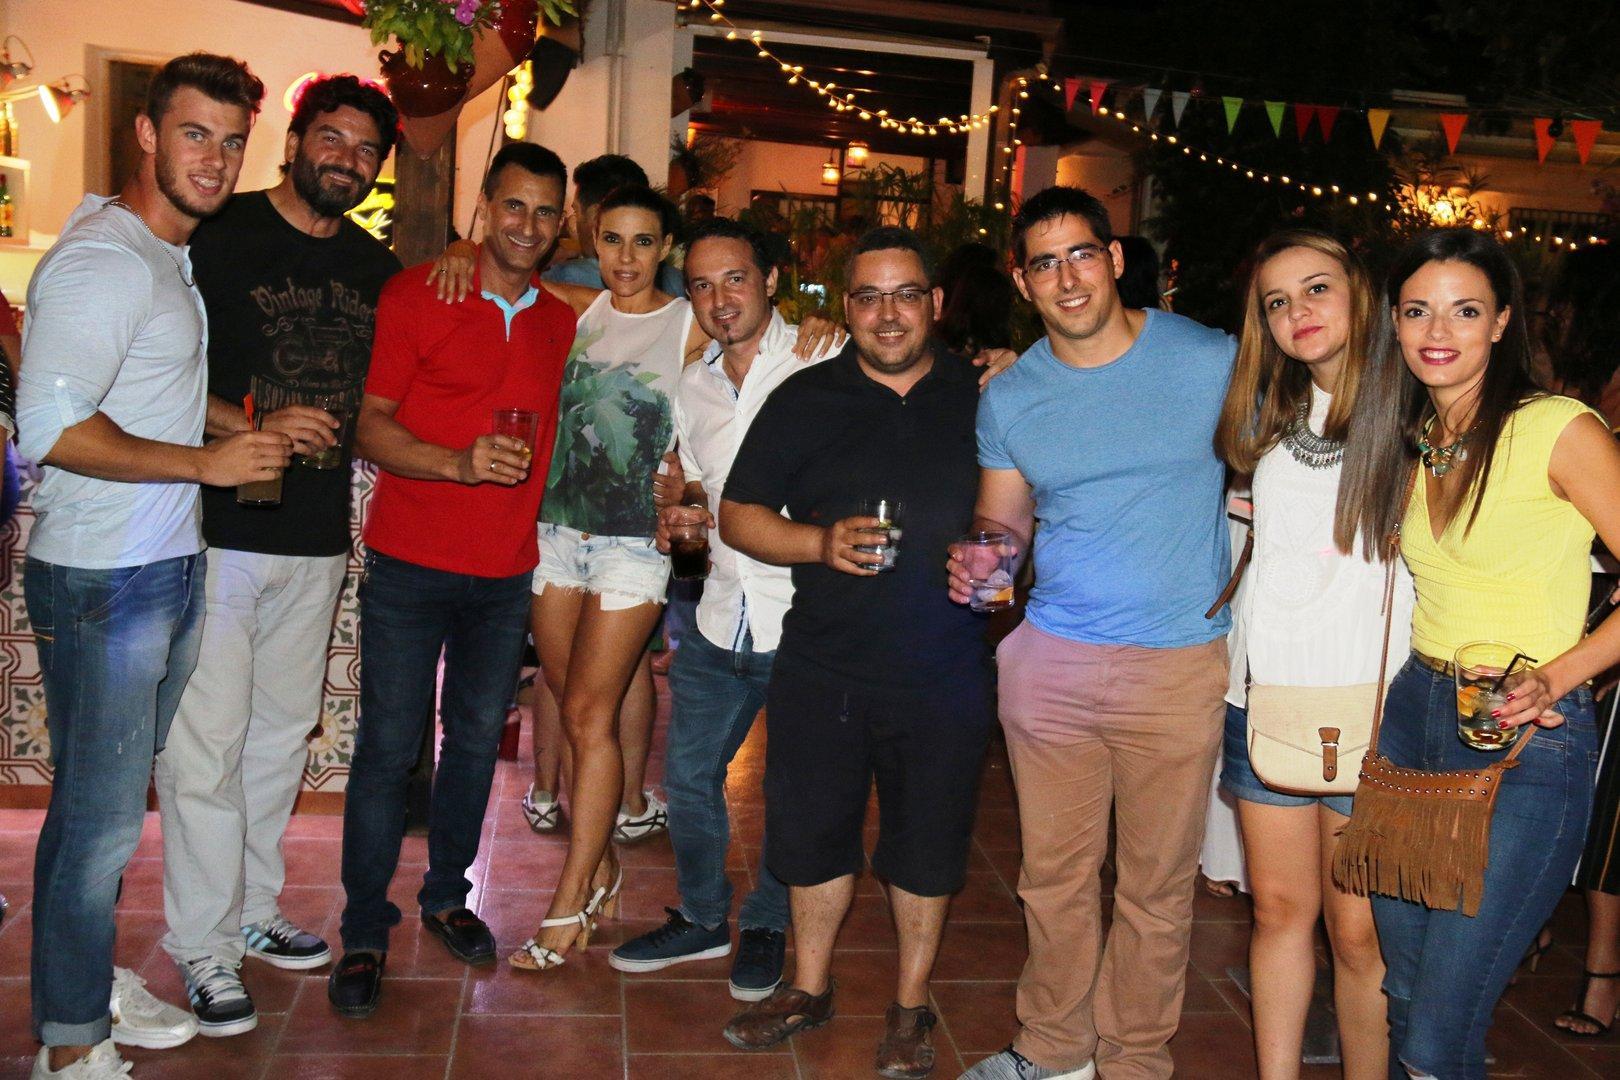 Fiestas de ceutí 2016 la casa pintada viernes 12